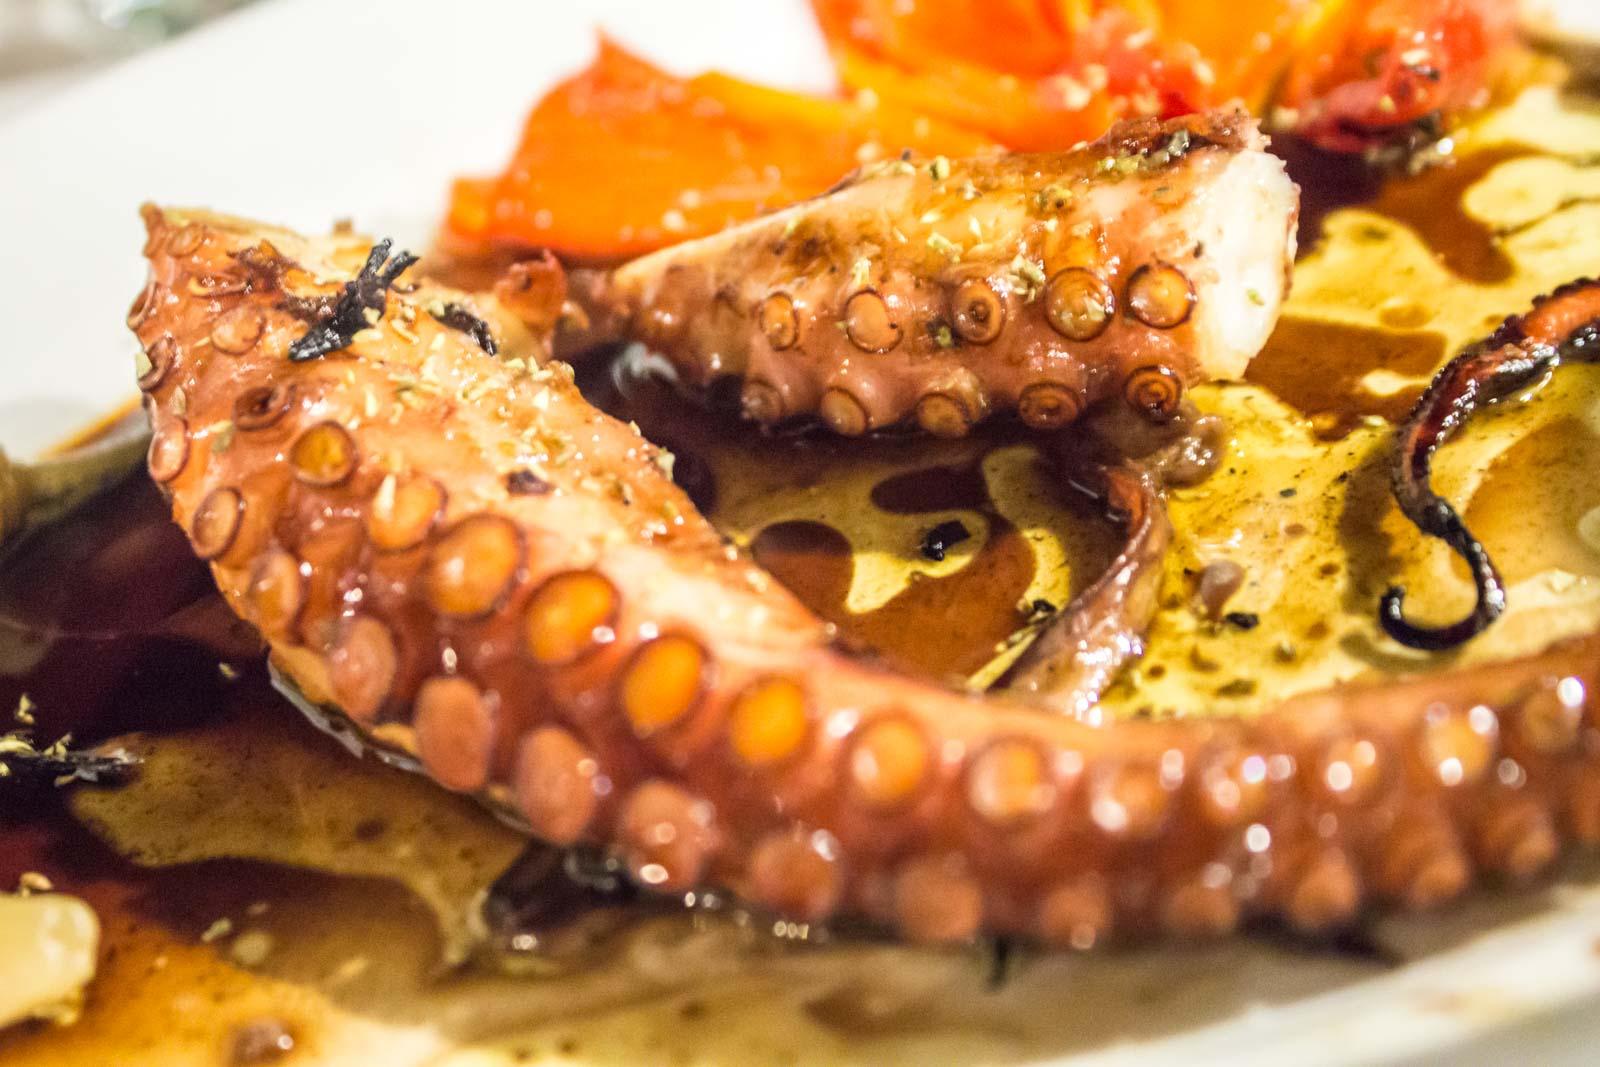 Traditional taverna on Kefallinia, Greek island food